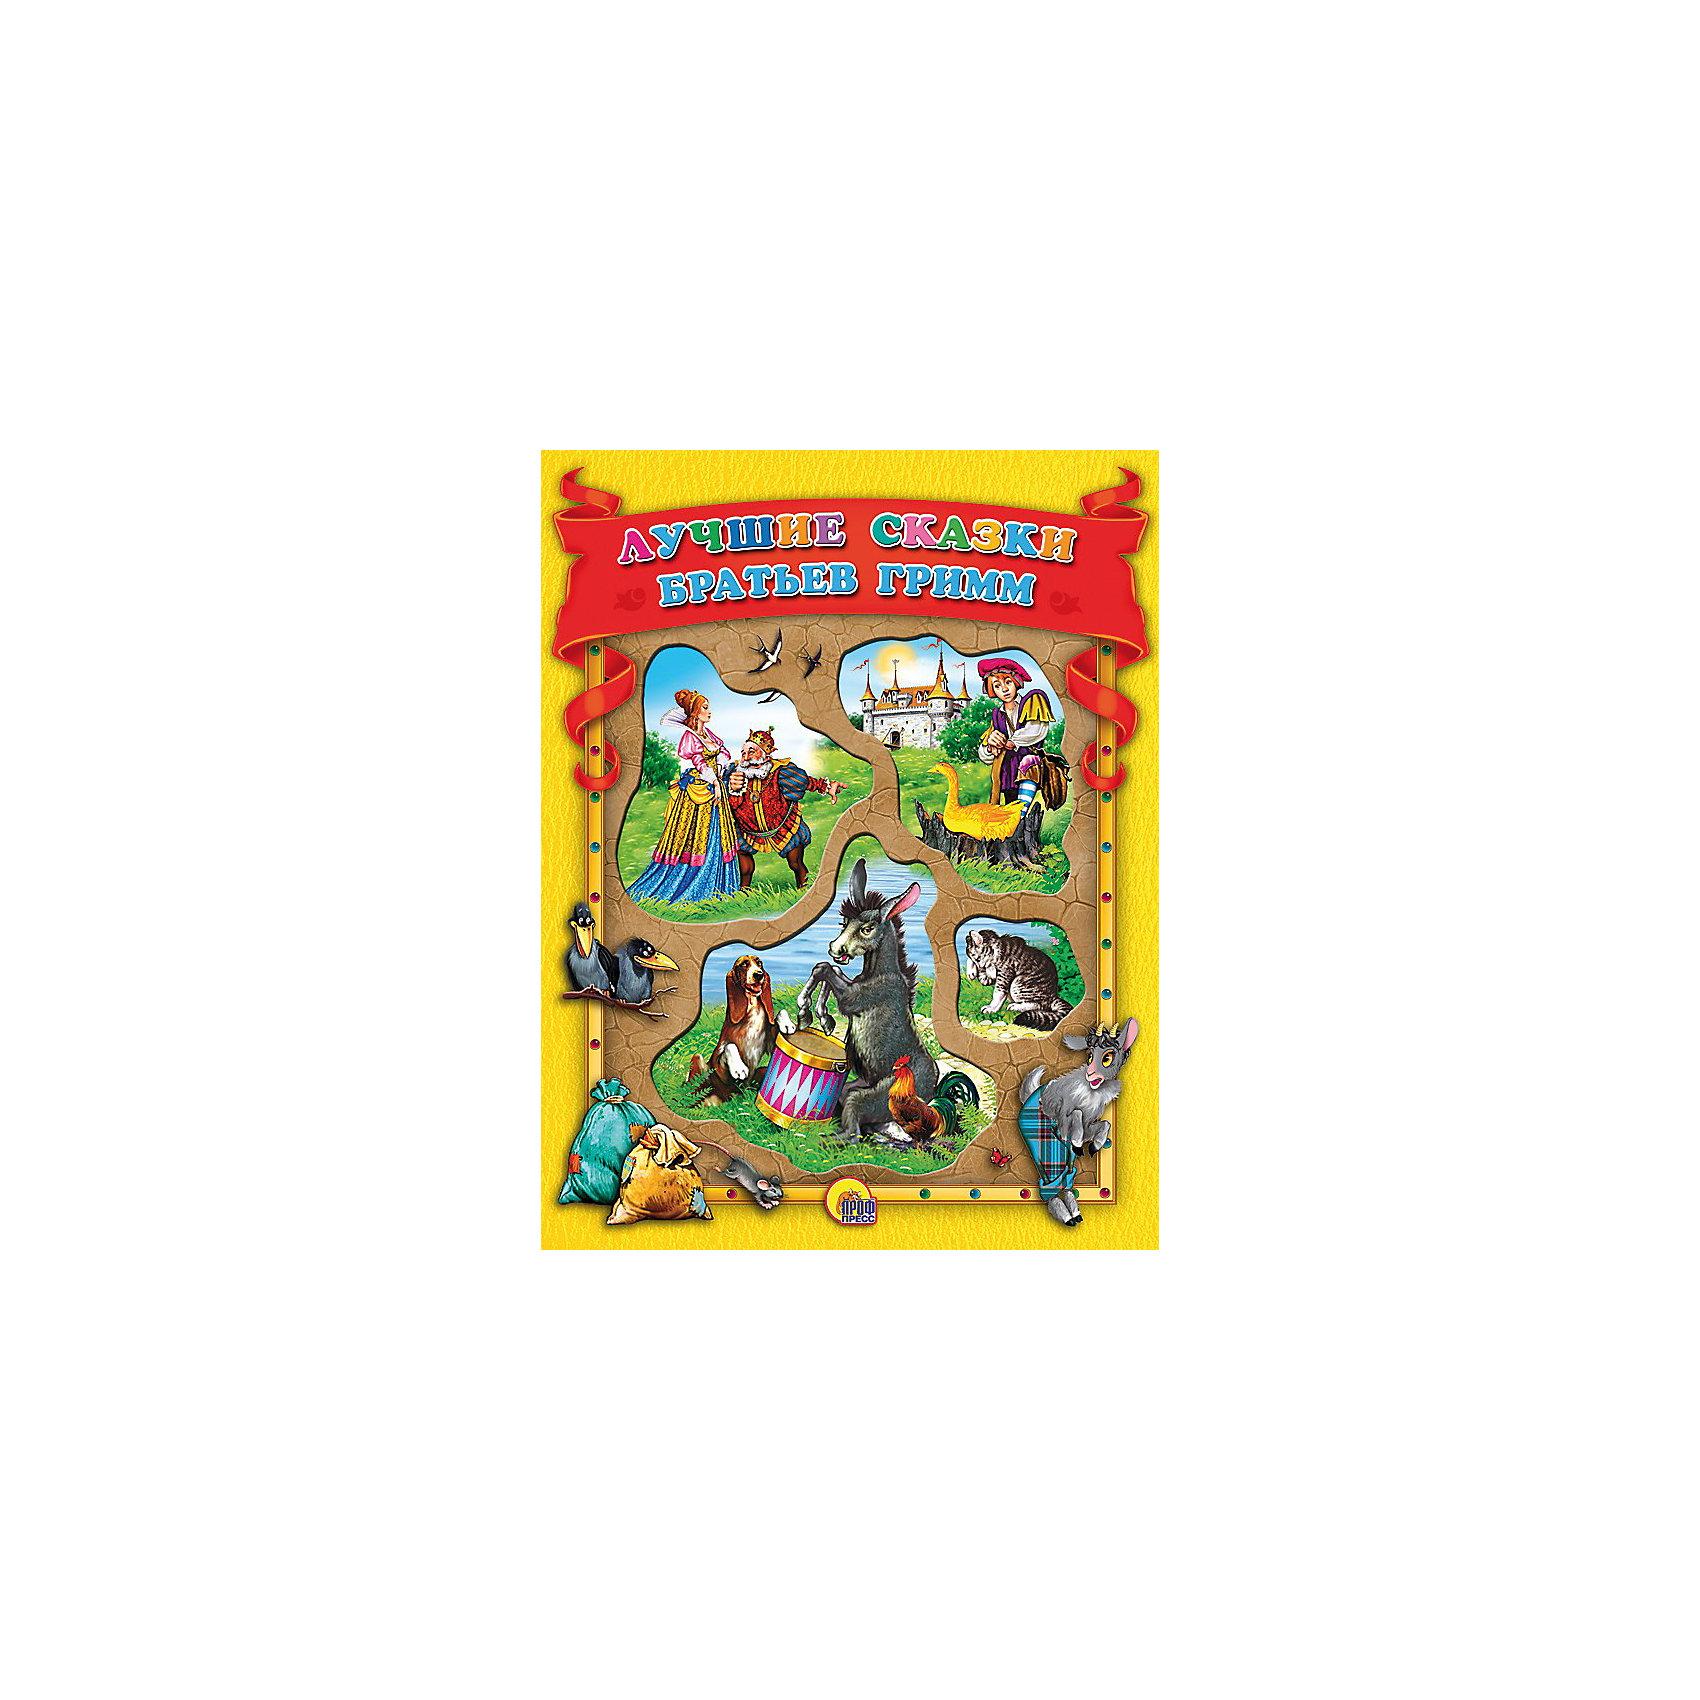 Лучшие сказки братьев ГриммКоллекционная книга с вырубкой. Самые первые и самые любимые детьми многих поколений сказки, потешки, стихи с яркими веселыми иллюстрациями - отличный подарок малышу.<br><br>Данный сборник составили наиболее известные произведения  лучших сказкок братьев Гримм: <br>Белоснежка и семь гномов<br>Бременские музыканты<br>Волк и семеро козлят<br>Золотой гусь<br>Храбрый портняжка<br>Король Дроздобород<br>Гензель и Гретель<br>Рапунцель<br><br>Трогательные и добрые, эти сказки не оставят равнодушными ни детей, ни их родителей.<br><br>Материал: мелованная бумага. <br>Книга содержит 144 стр.<br><br>Ширина мм: 205<br>Глубина мм: 13<br>Высота мм: 265<br>Вес г: 648<br>Возраст от месяцев: 72<br>Возраст до месяцев: 96<br>Пол: Унисекс<br>Возраст: Детский<br>SKU: 2499686